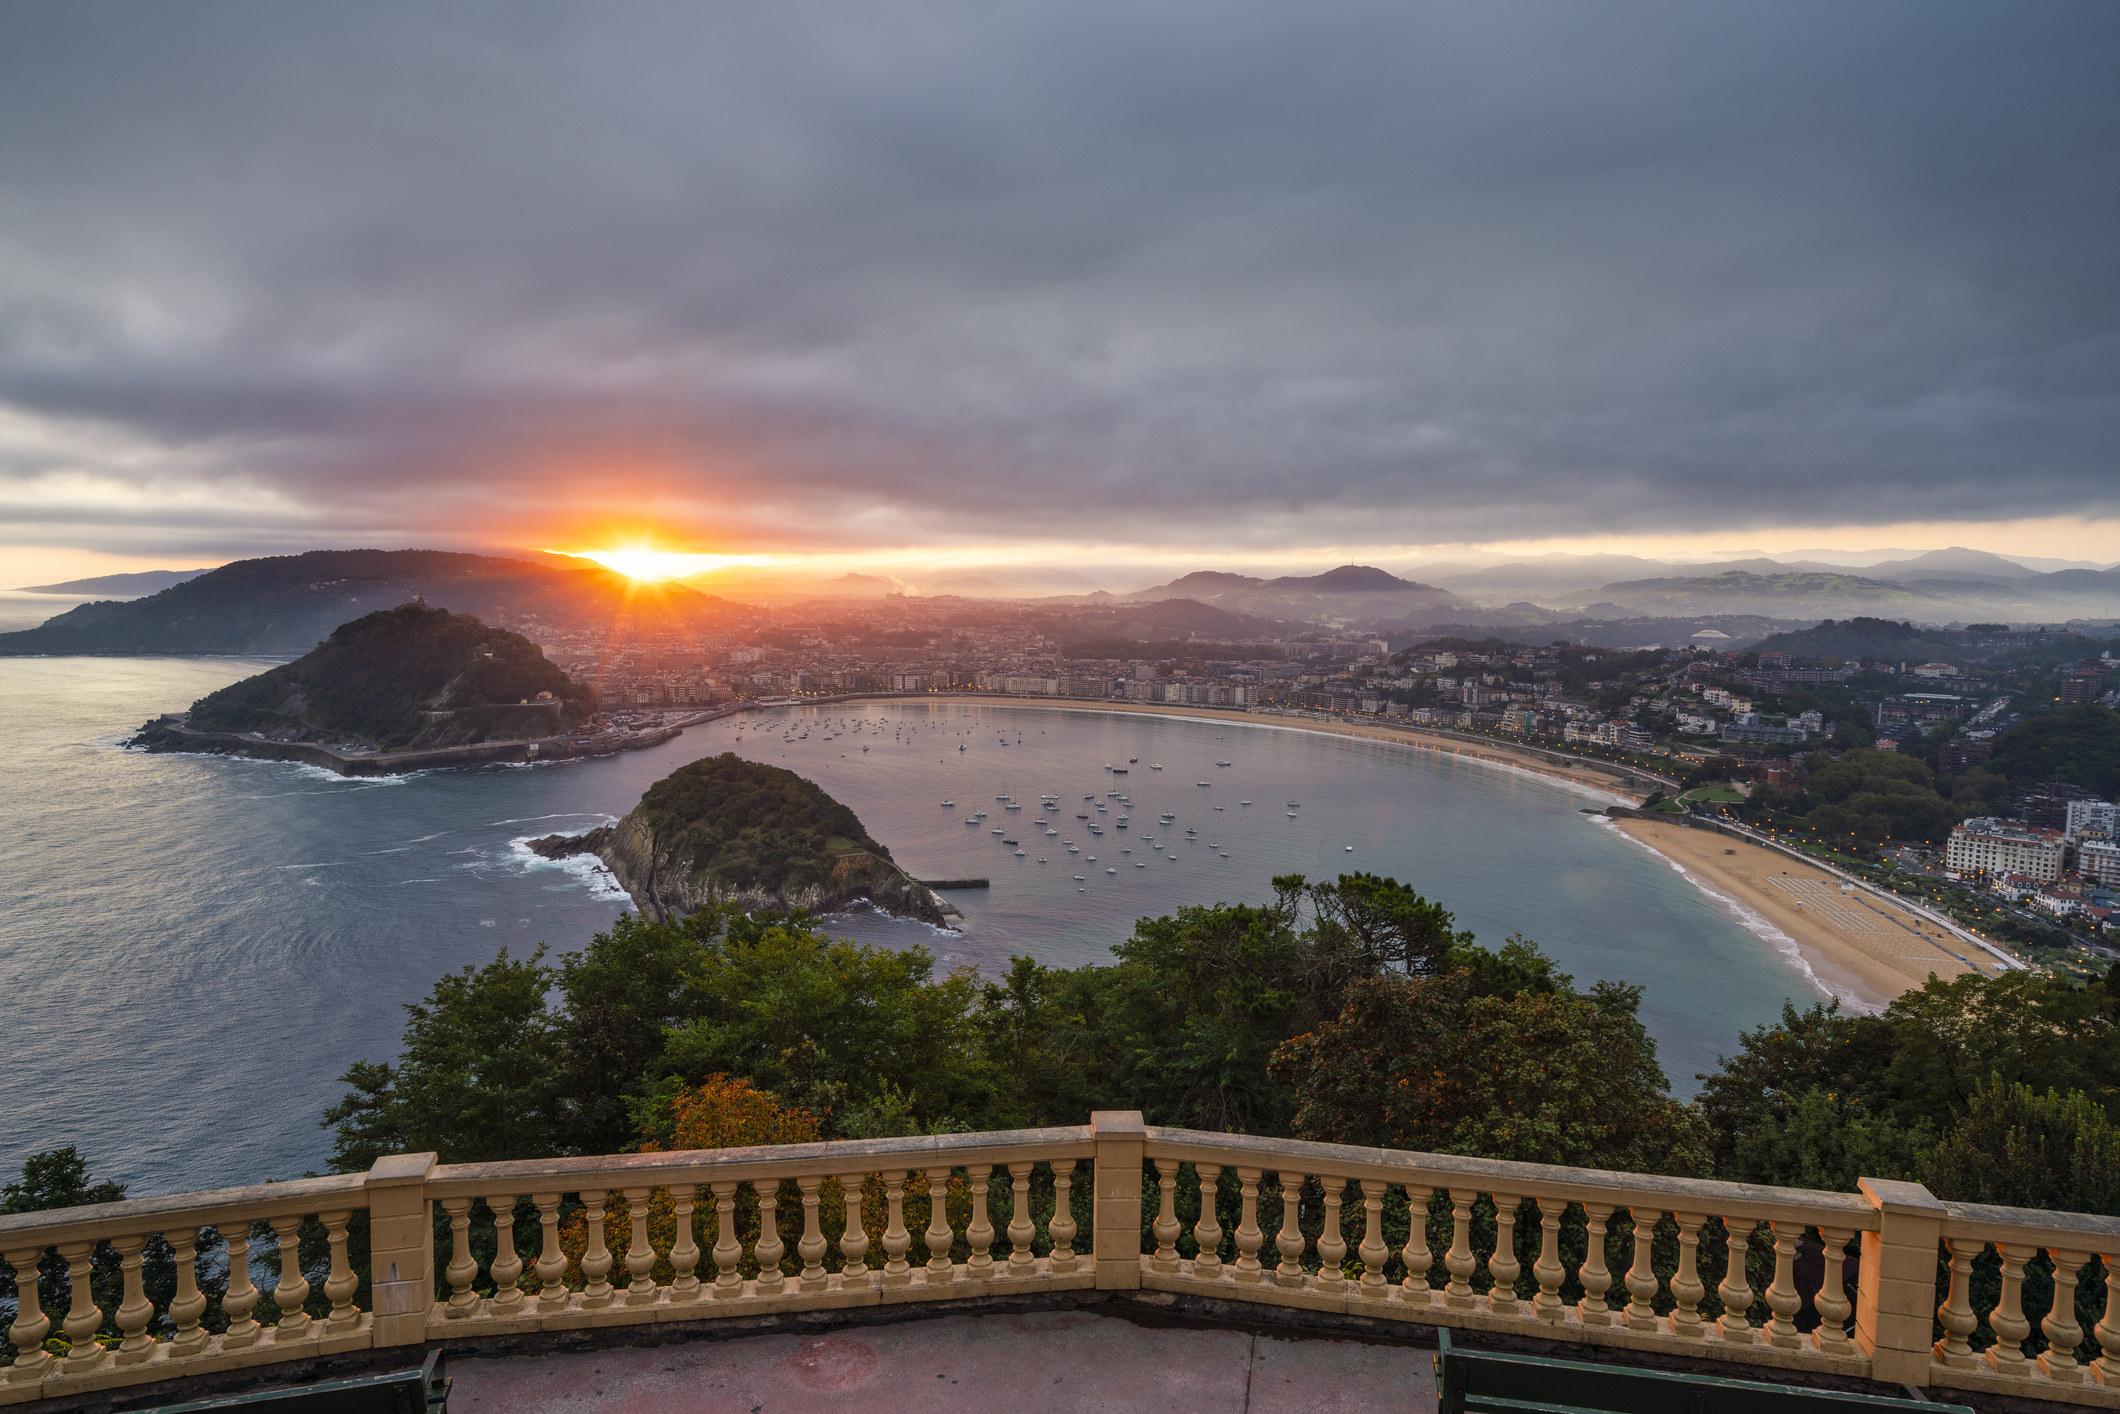 A view looking down at San Sebastian.